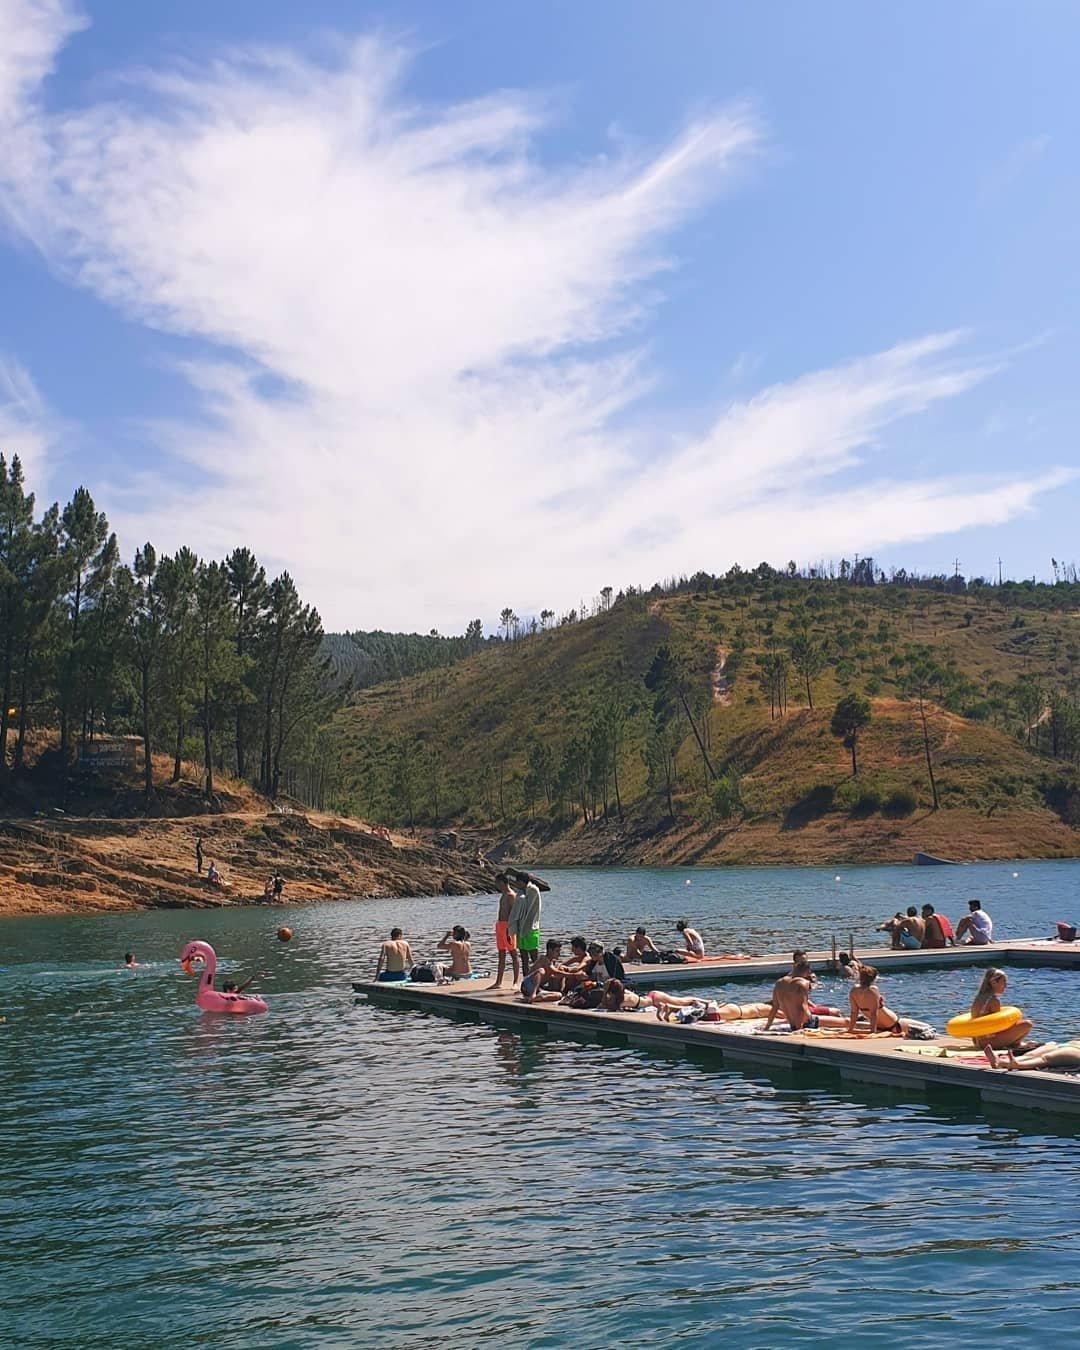 Praia fluvial da Aldeia do Mato